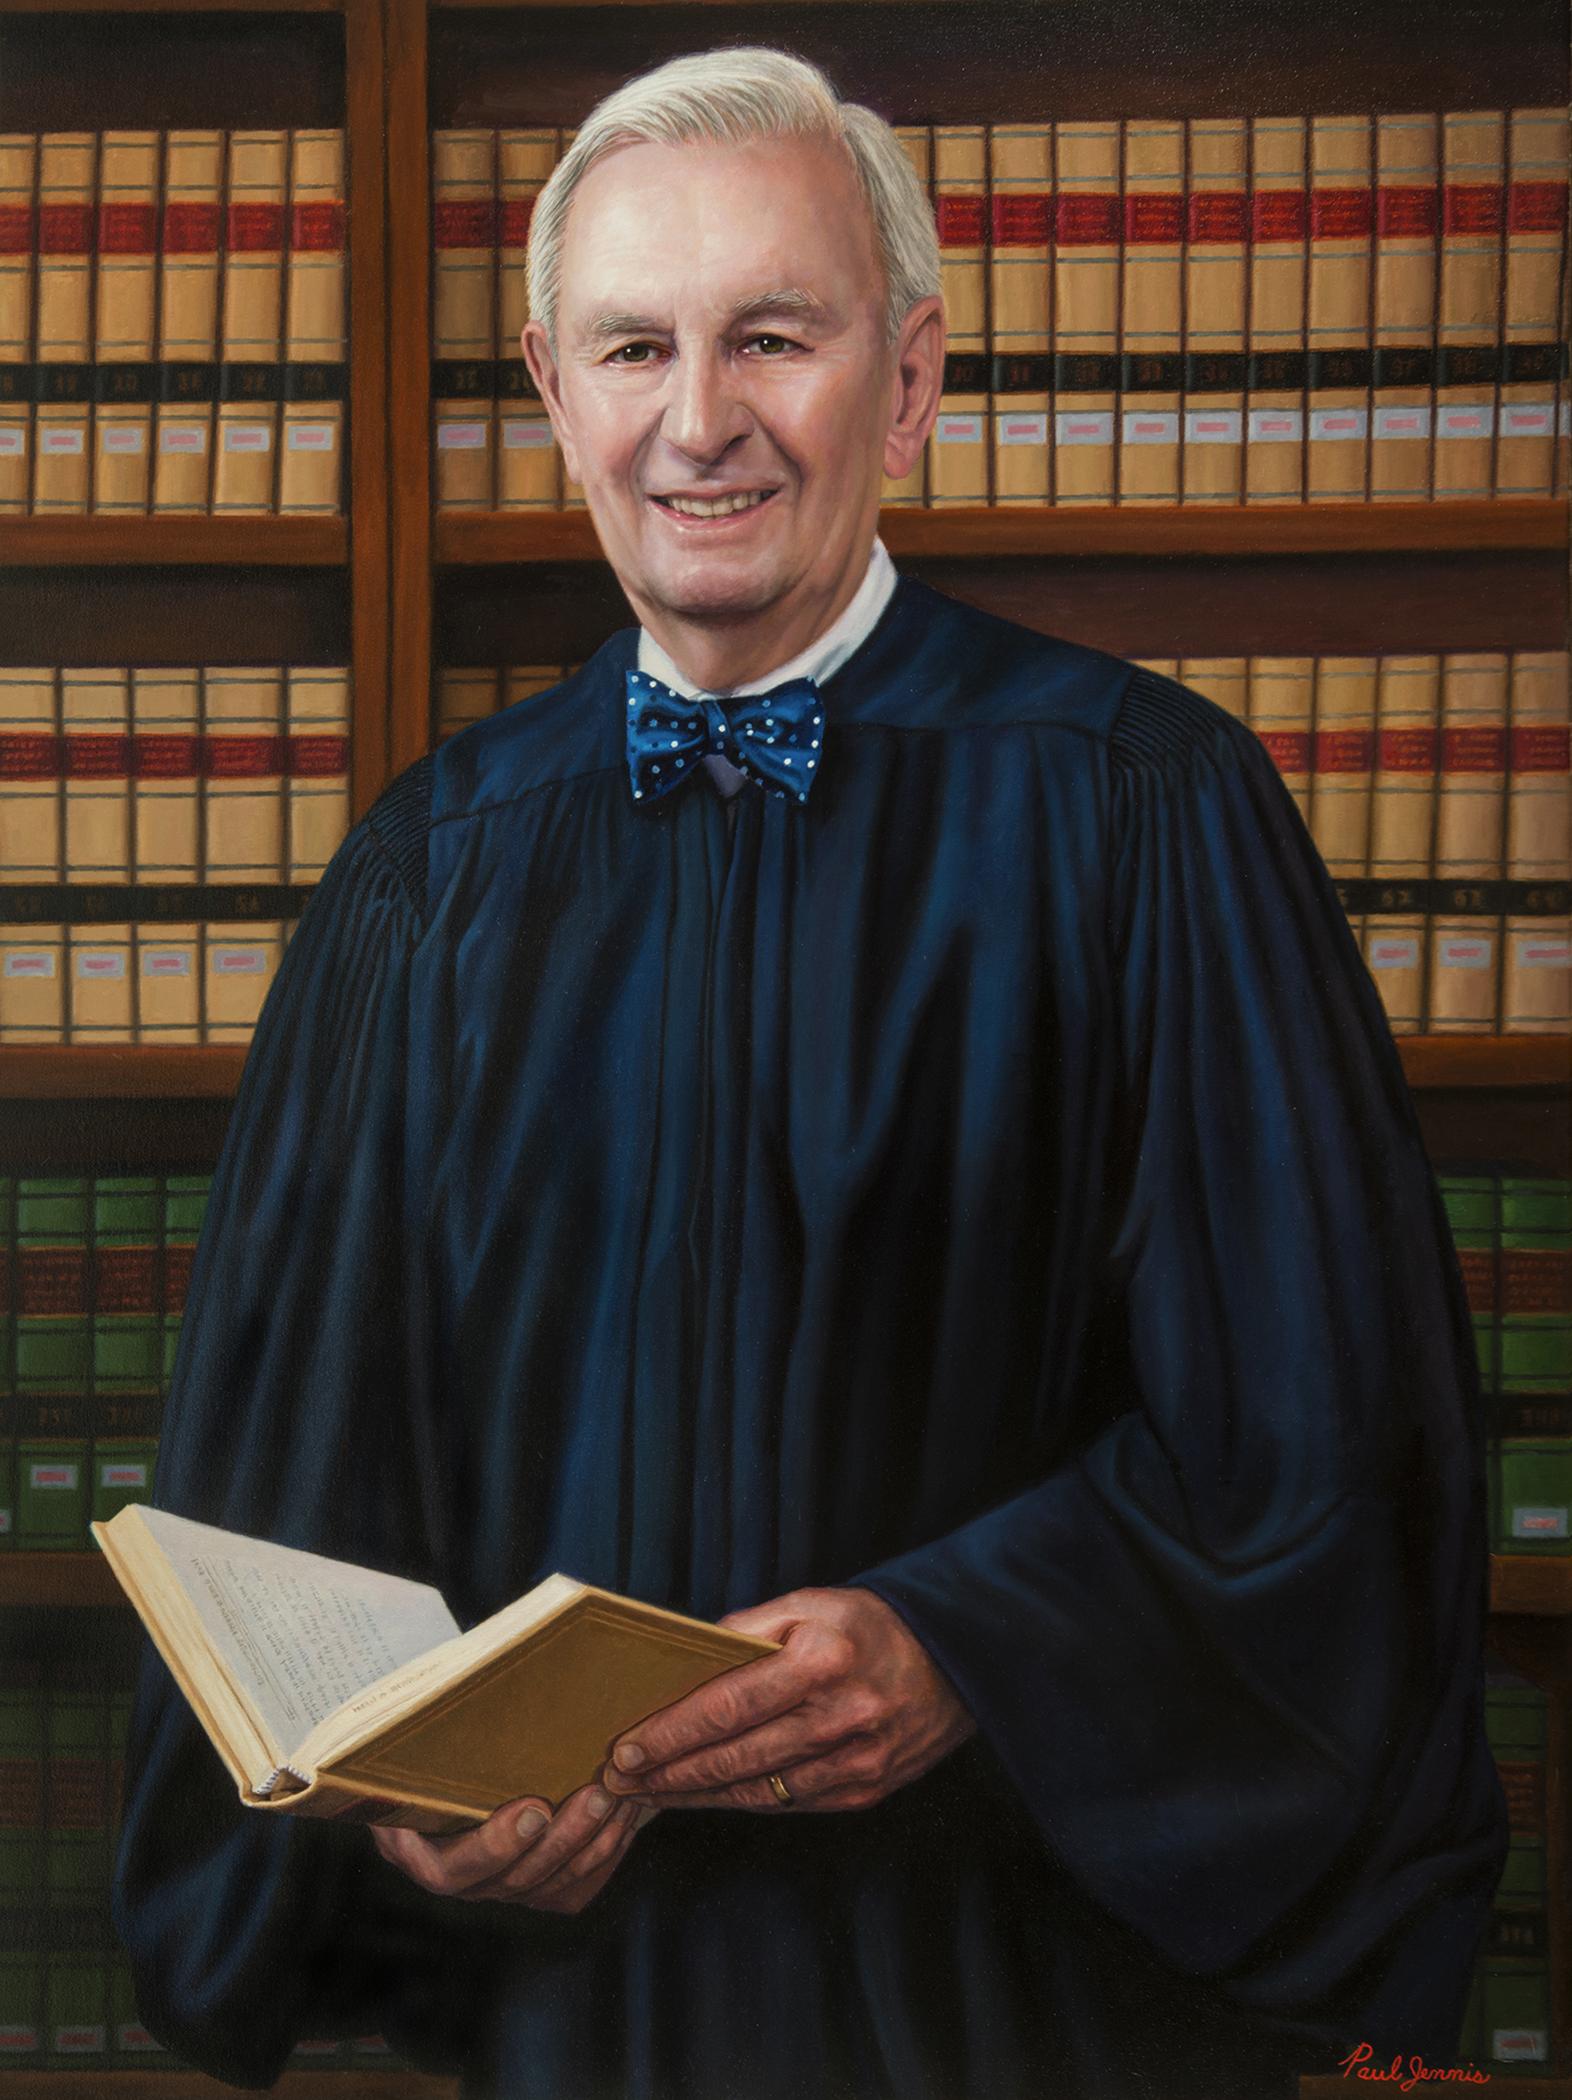 NJ Supreme Court Justice Pollock